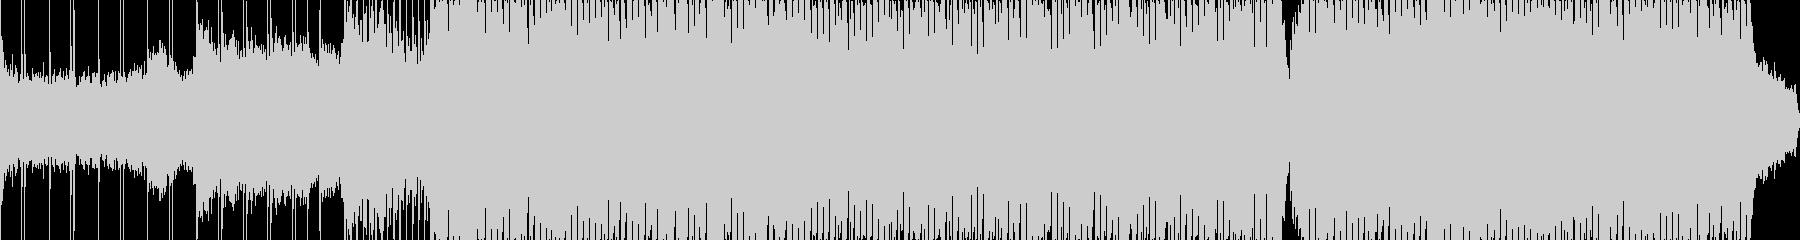 アメイジング・グレイス/テクノアレンジの未再生の波形